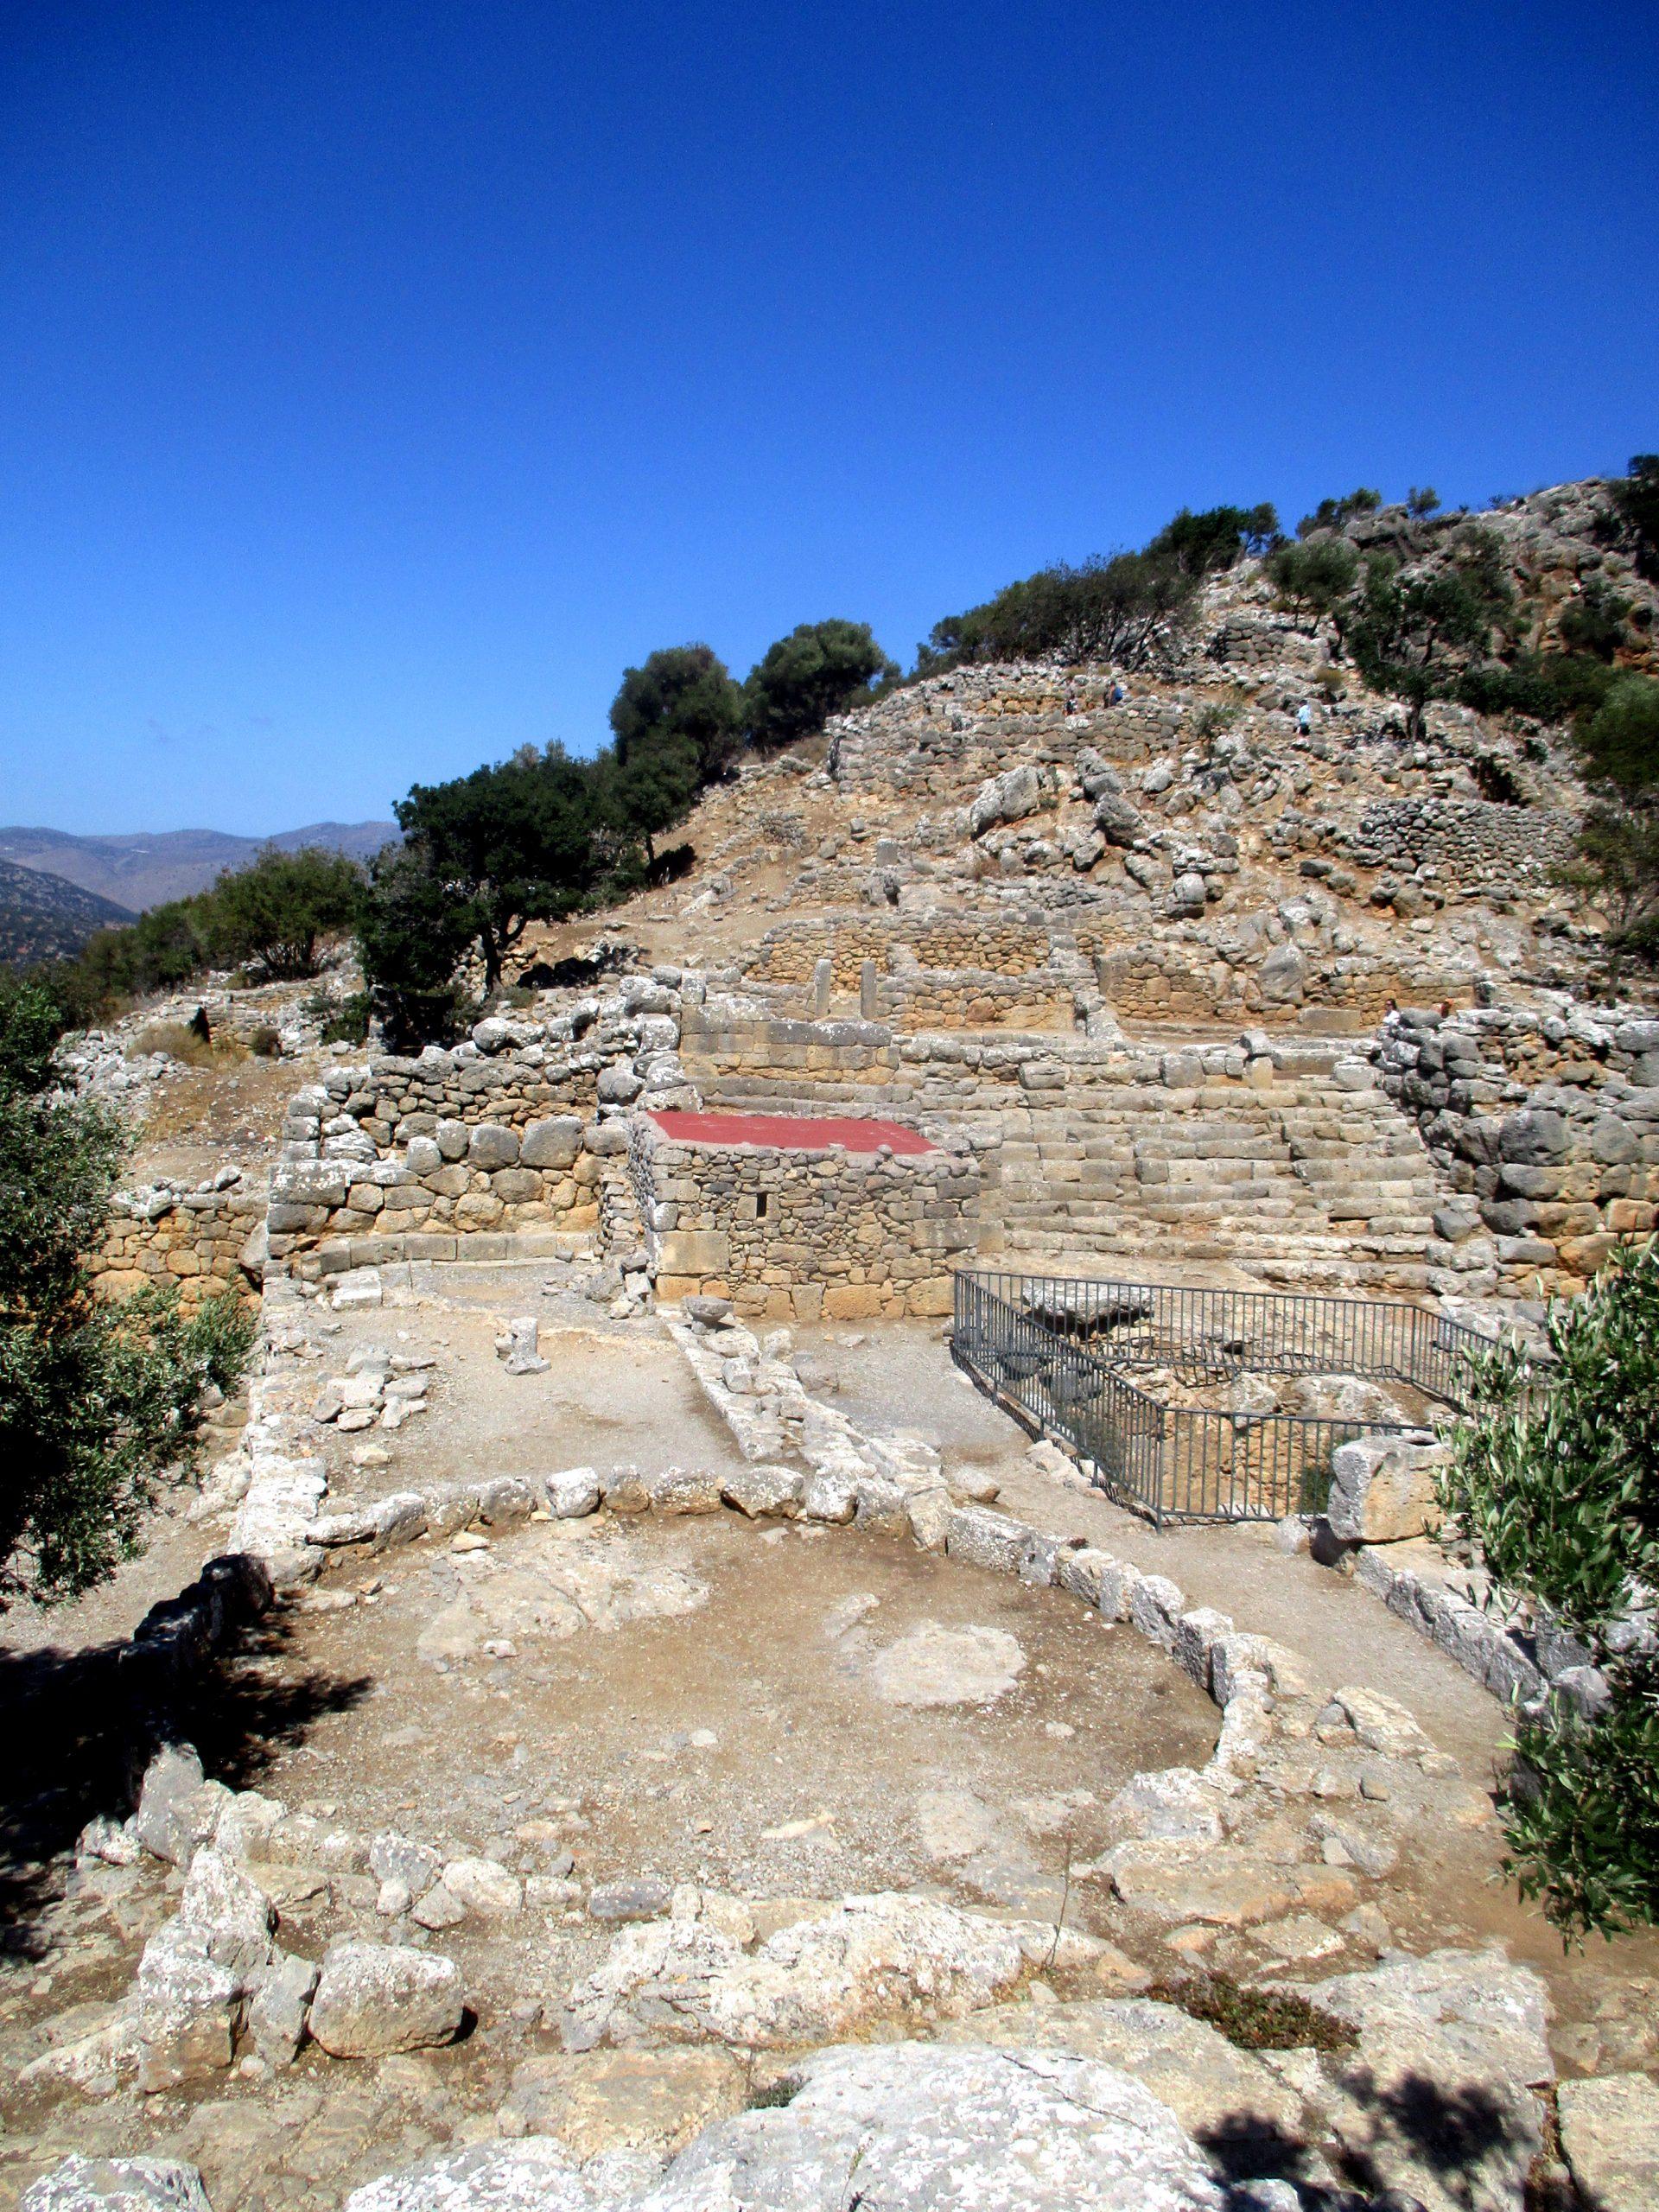 Siedlungsterrassen des Osthanges der archäologischen Siedlung Lato von untern Fotografiert. Die Siedlung klettert mit hilfe einer terrassierung den Berg hoch.